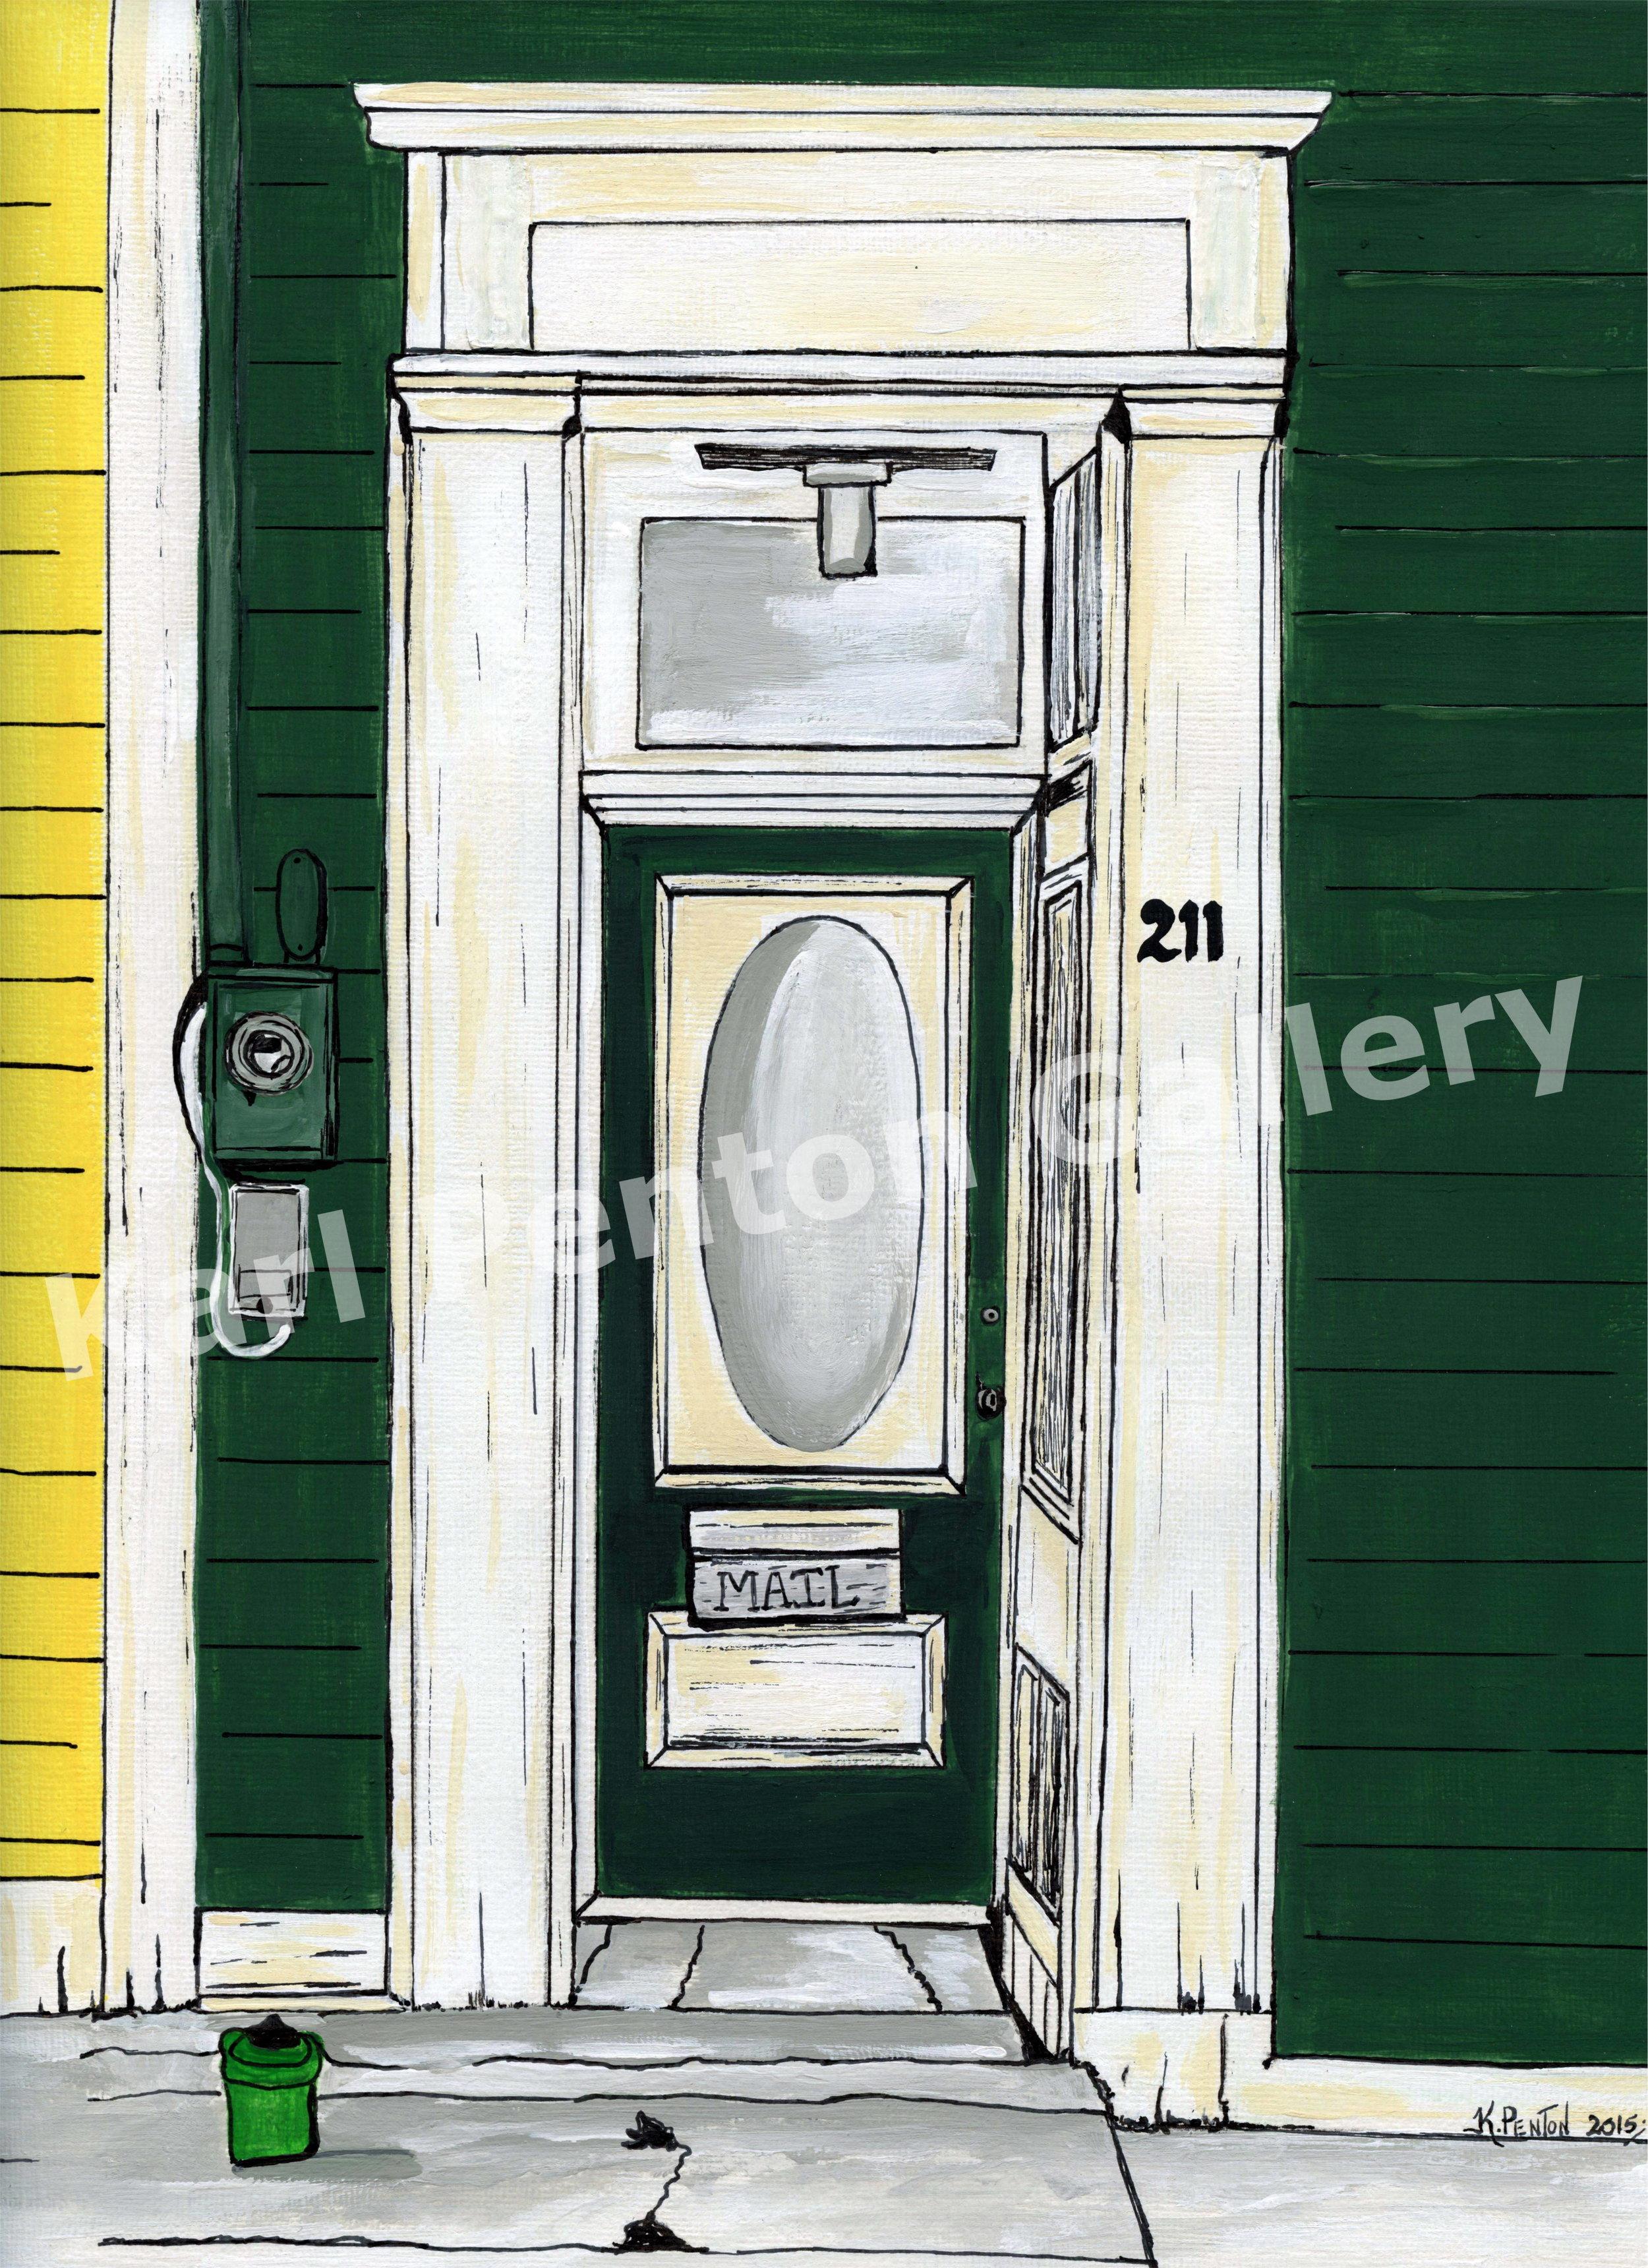 Door 211 - From the